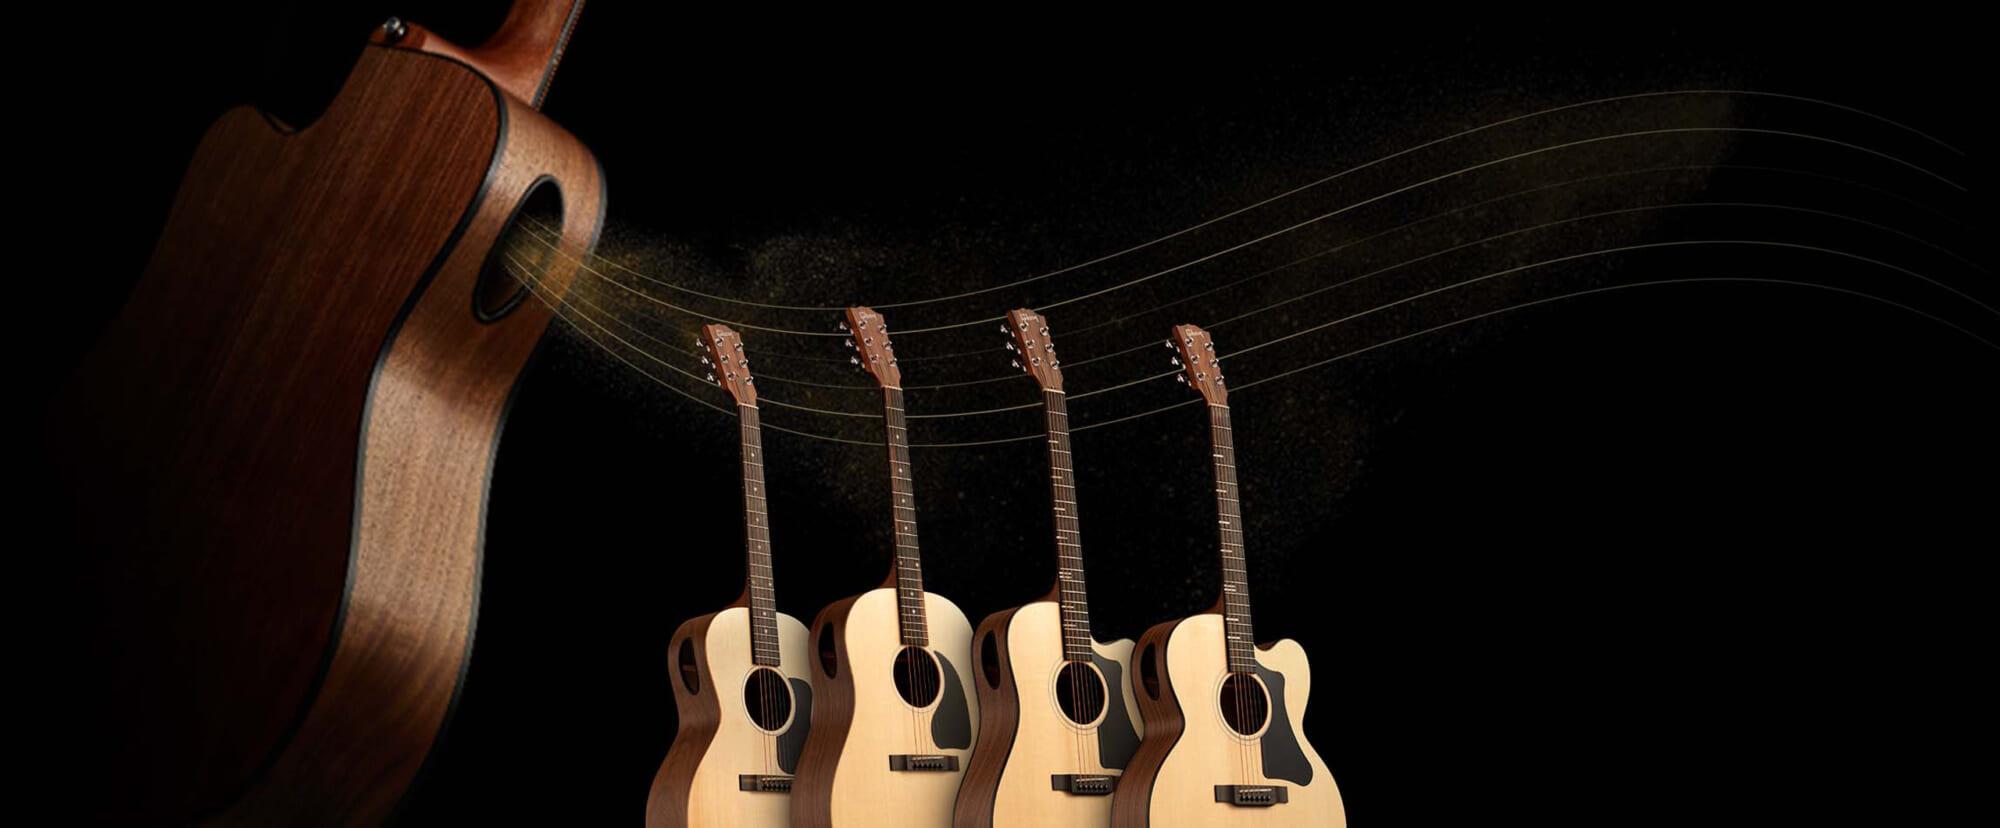 """ギブソン、ボディ・サイドに第2のサウンドホールを持つアコースティック・ギター、""""ジェネレーション・コレクション""""をリリース"""